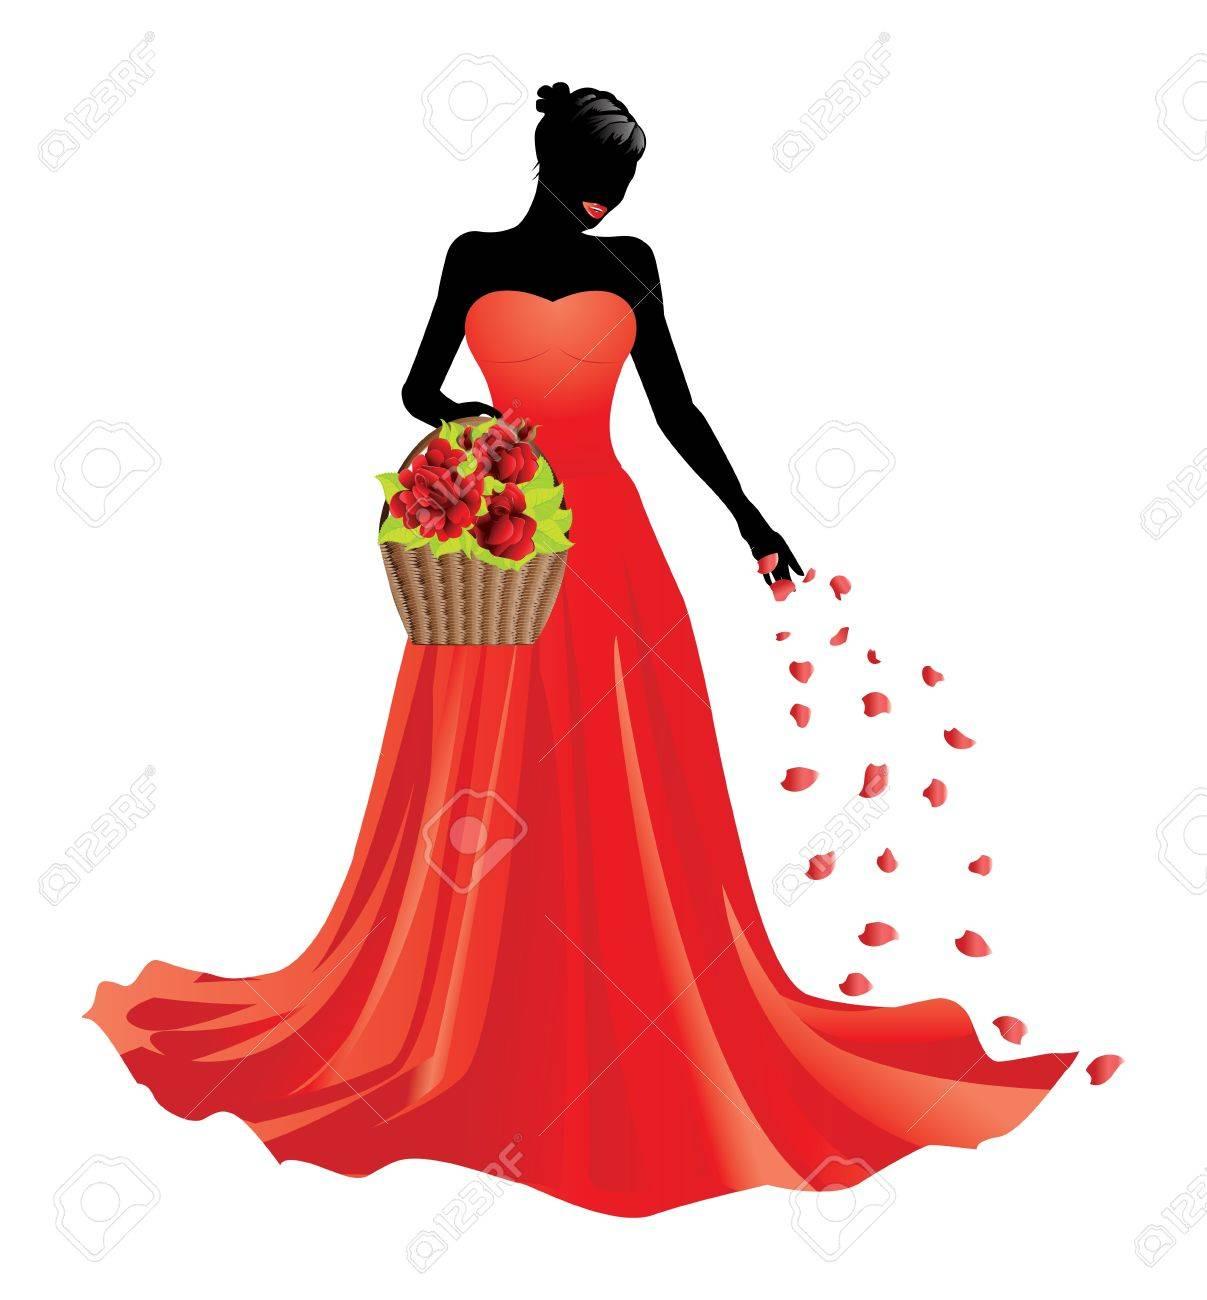 Ilustración De La Chica De Vestido Rojo Con Una Cesta De Rosas